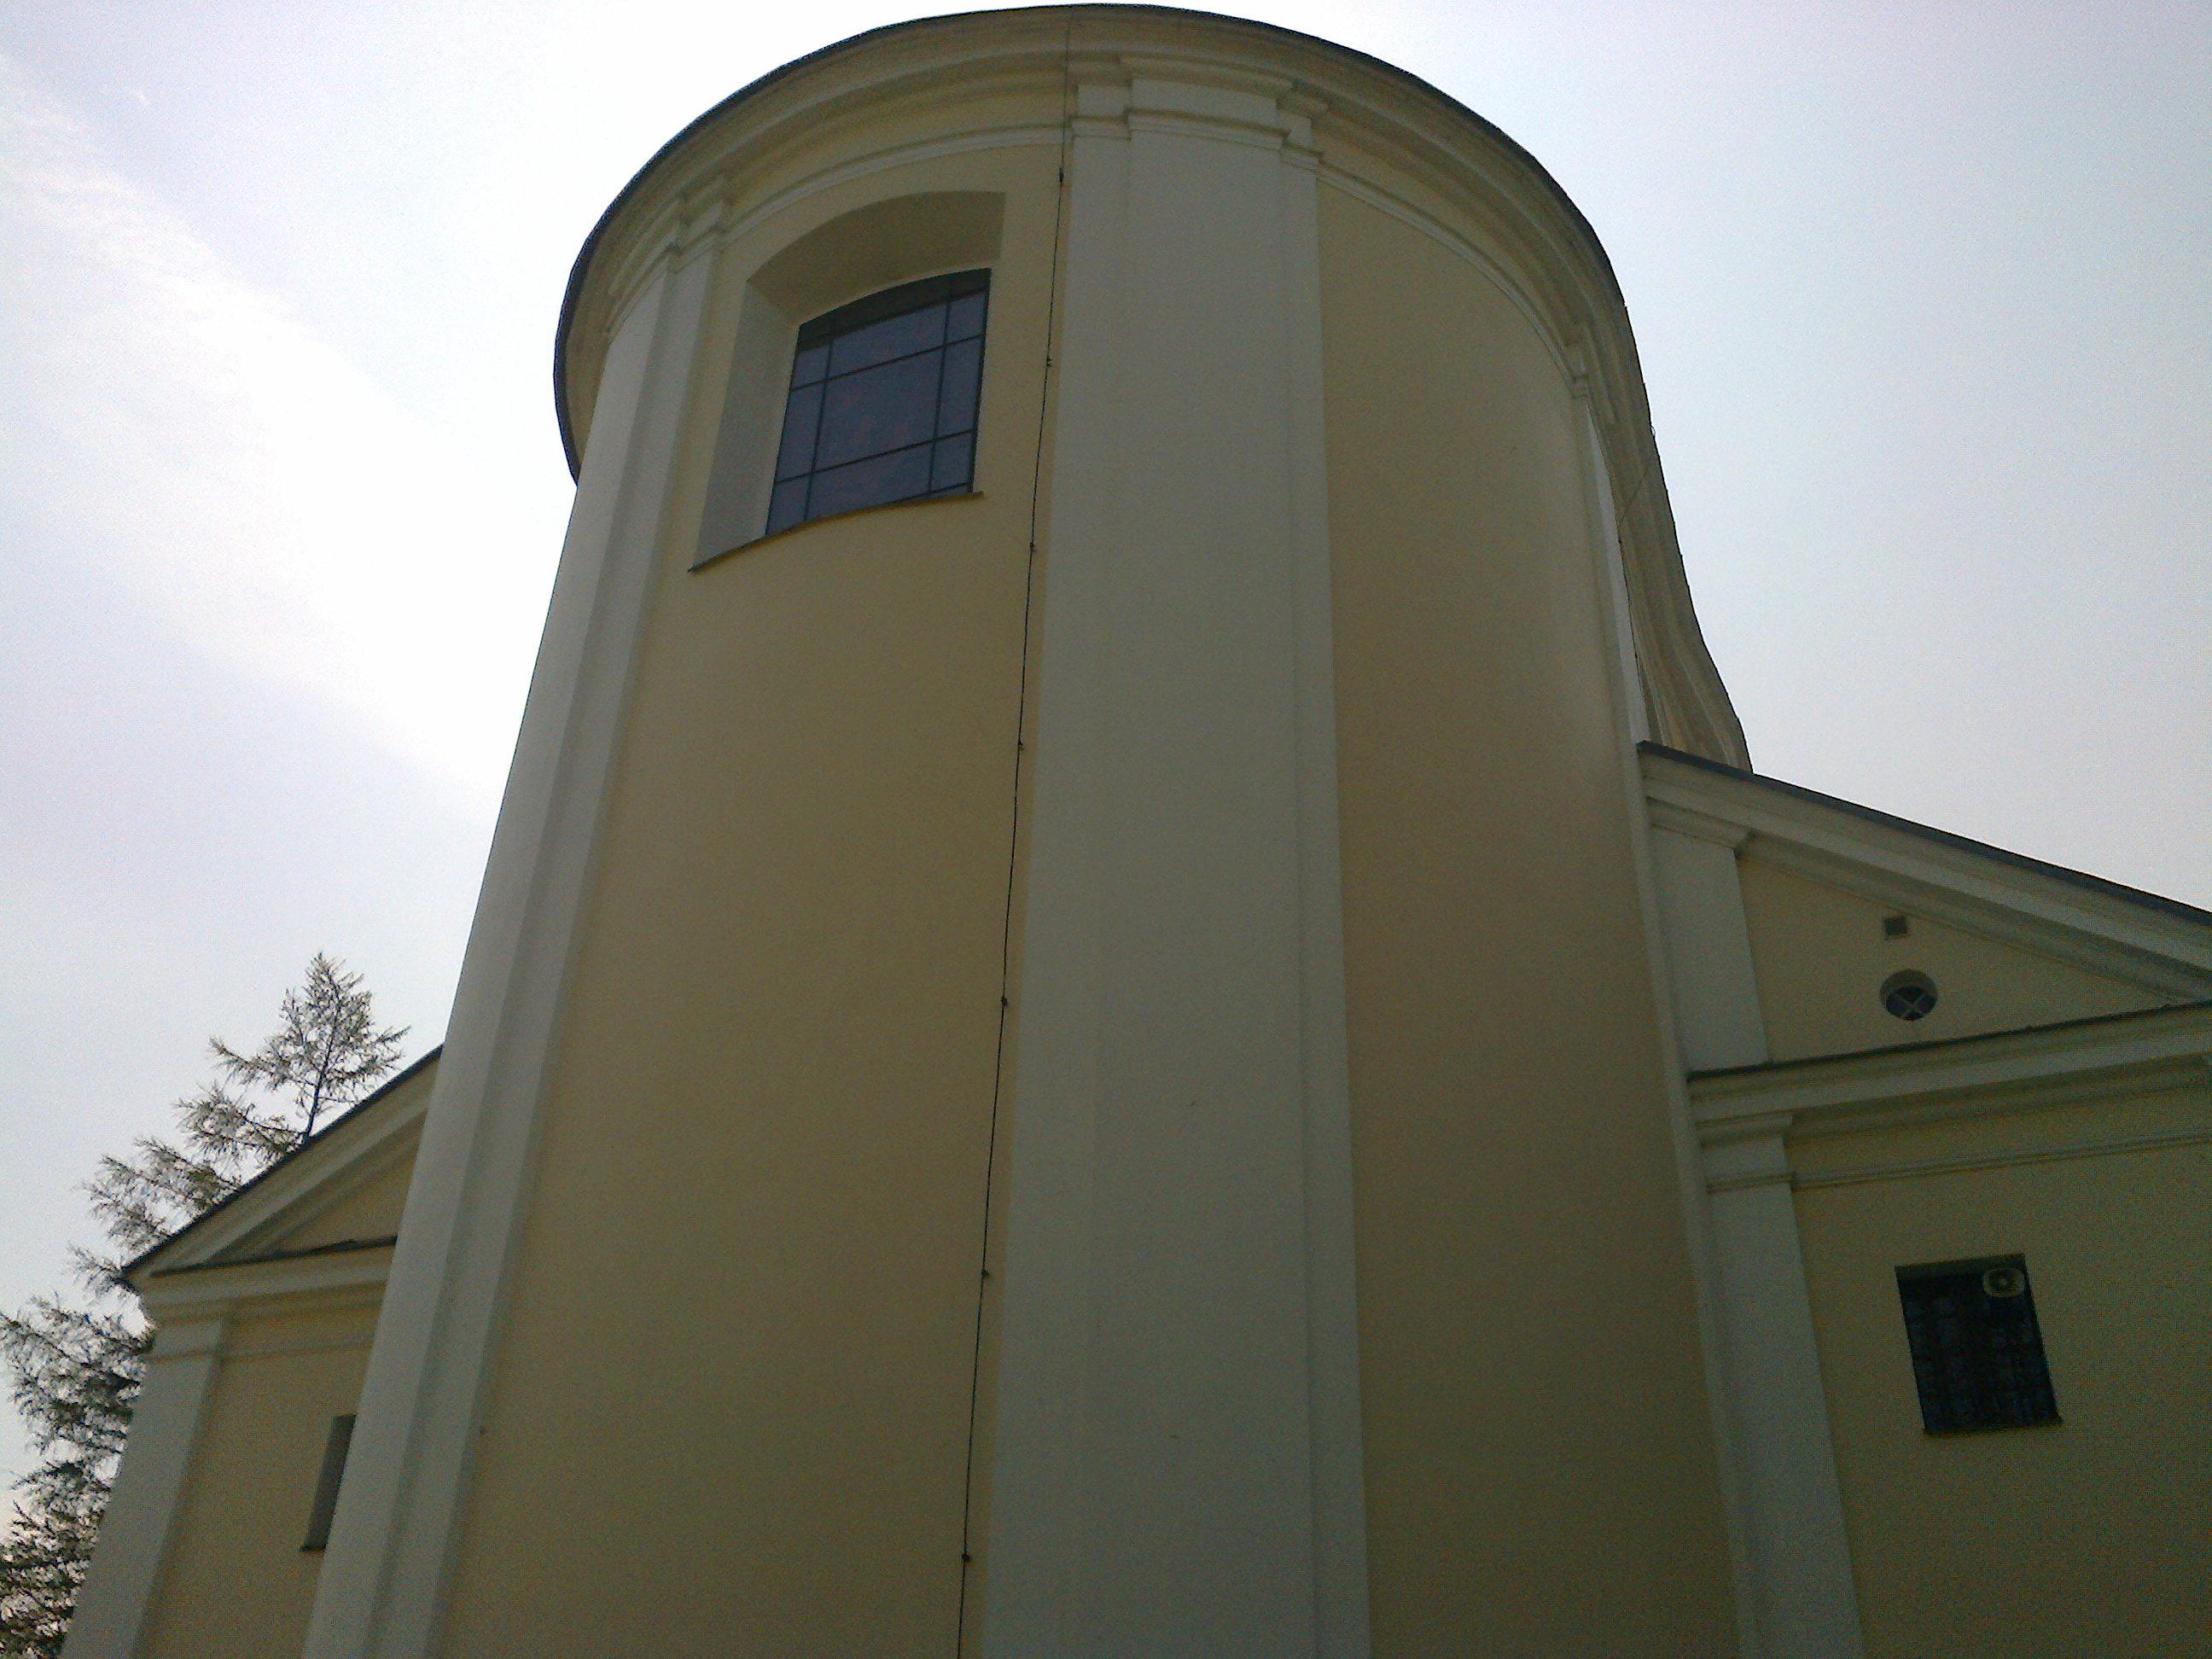 Absyda świątyni wystawiona nawschód